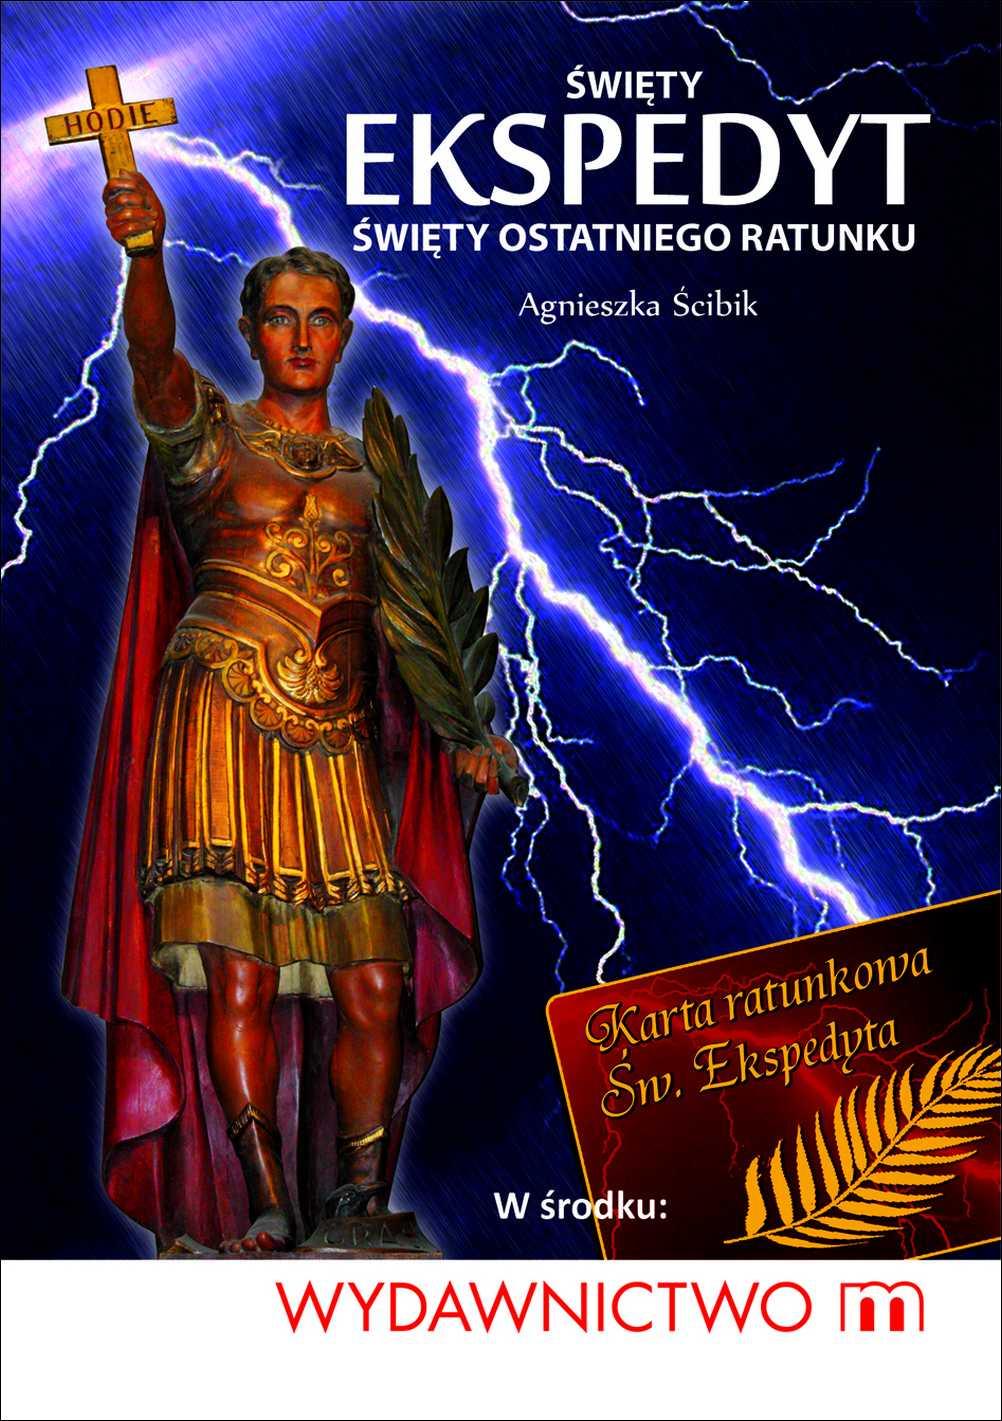 Święty Ekspedyt - święty ostatniego ratunku - Ebook (Książka EPUB) do pobrania w formacie EPUB